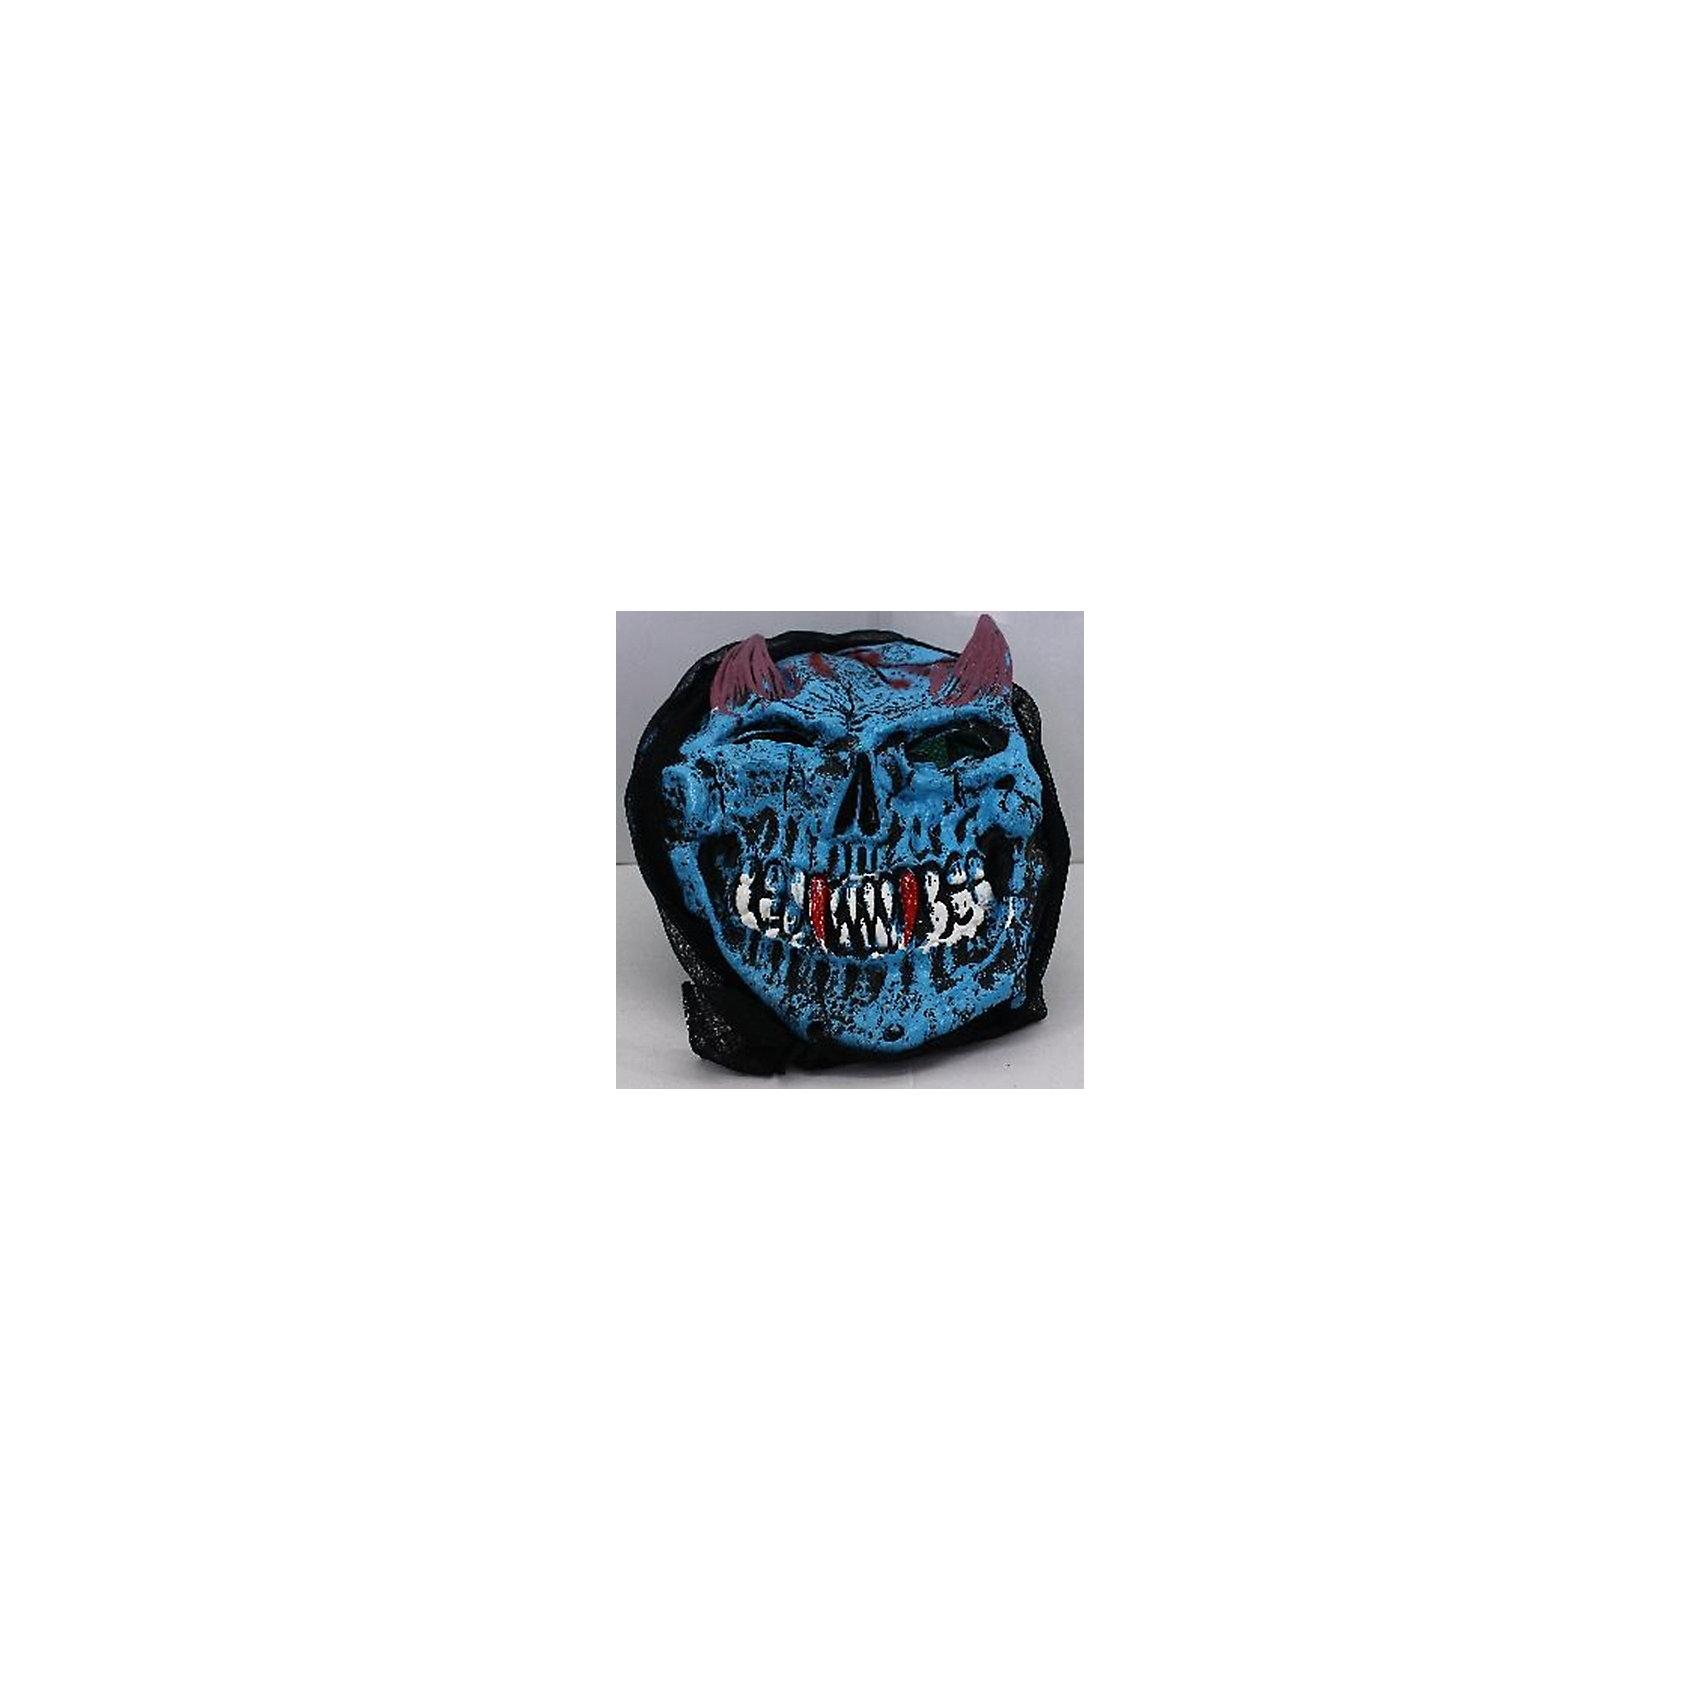 Карнавальная маска Череп с рожками, голубойМаски и карнавальные костюмы<br>Карнавальная маска Череп с рожками, голубой - это детализированный элемент карнавального костюма, представляющий собой маску, которая вызовет настоящий восторг у всех юных поклонников преображения. Маска очень практичная, ваш ребенок всё увидит через глазницы существа. Если у него будет костюм в едином стиле с маской, то приз на любом конкурсе костюмов ему обеспечен. Эти маски могут понравится как девочкам, так и мальчикам, ведь все дети хотят хоть раз побыть на стороне чудовища.<br><br>Карнавальная маска Череп с рожками, голубой можно купить в нашем интернет-магазине.<br><br>Ширина мм: 250<br>Глубина мм: 10<br>Высота мм: 200<br>Вес г: 100<br>Возраст от месяцев: 72<br>Возраст до месяцев: 192<br>Пол: Мужской<br>Возраст: Детский<br>SKU: 4767389